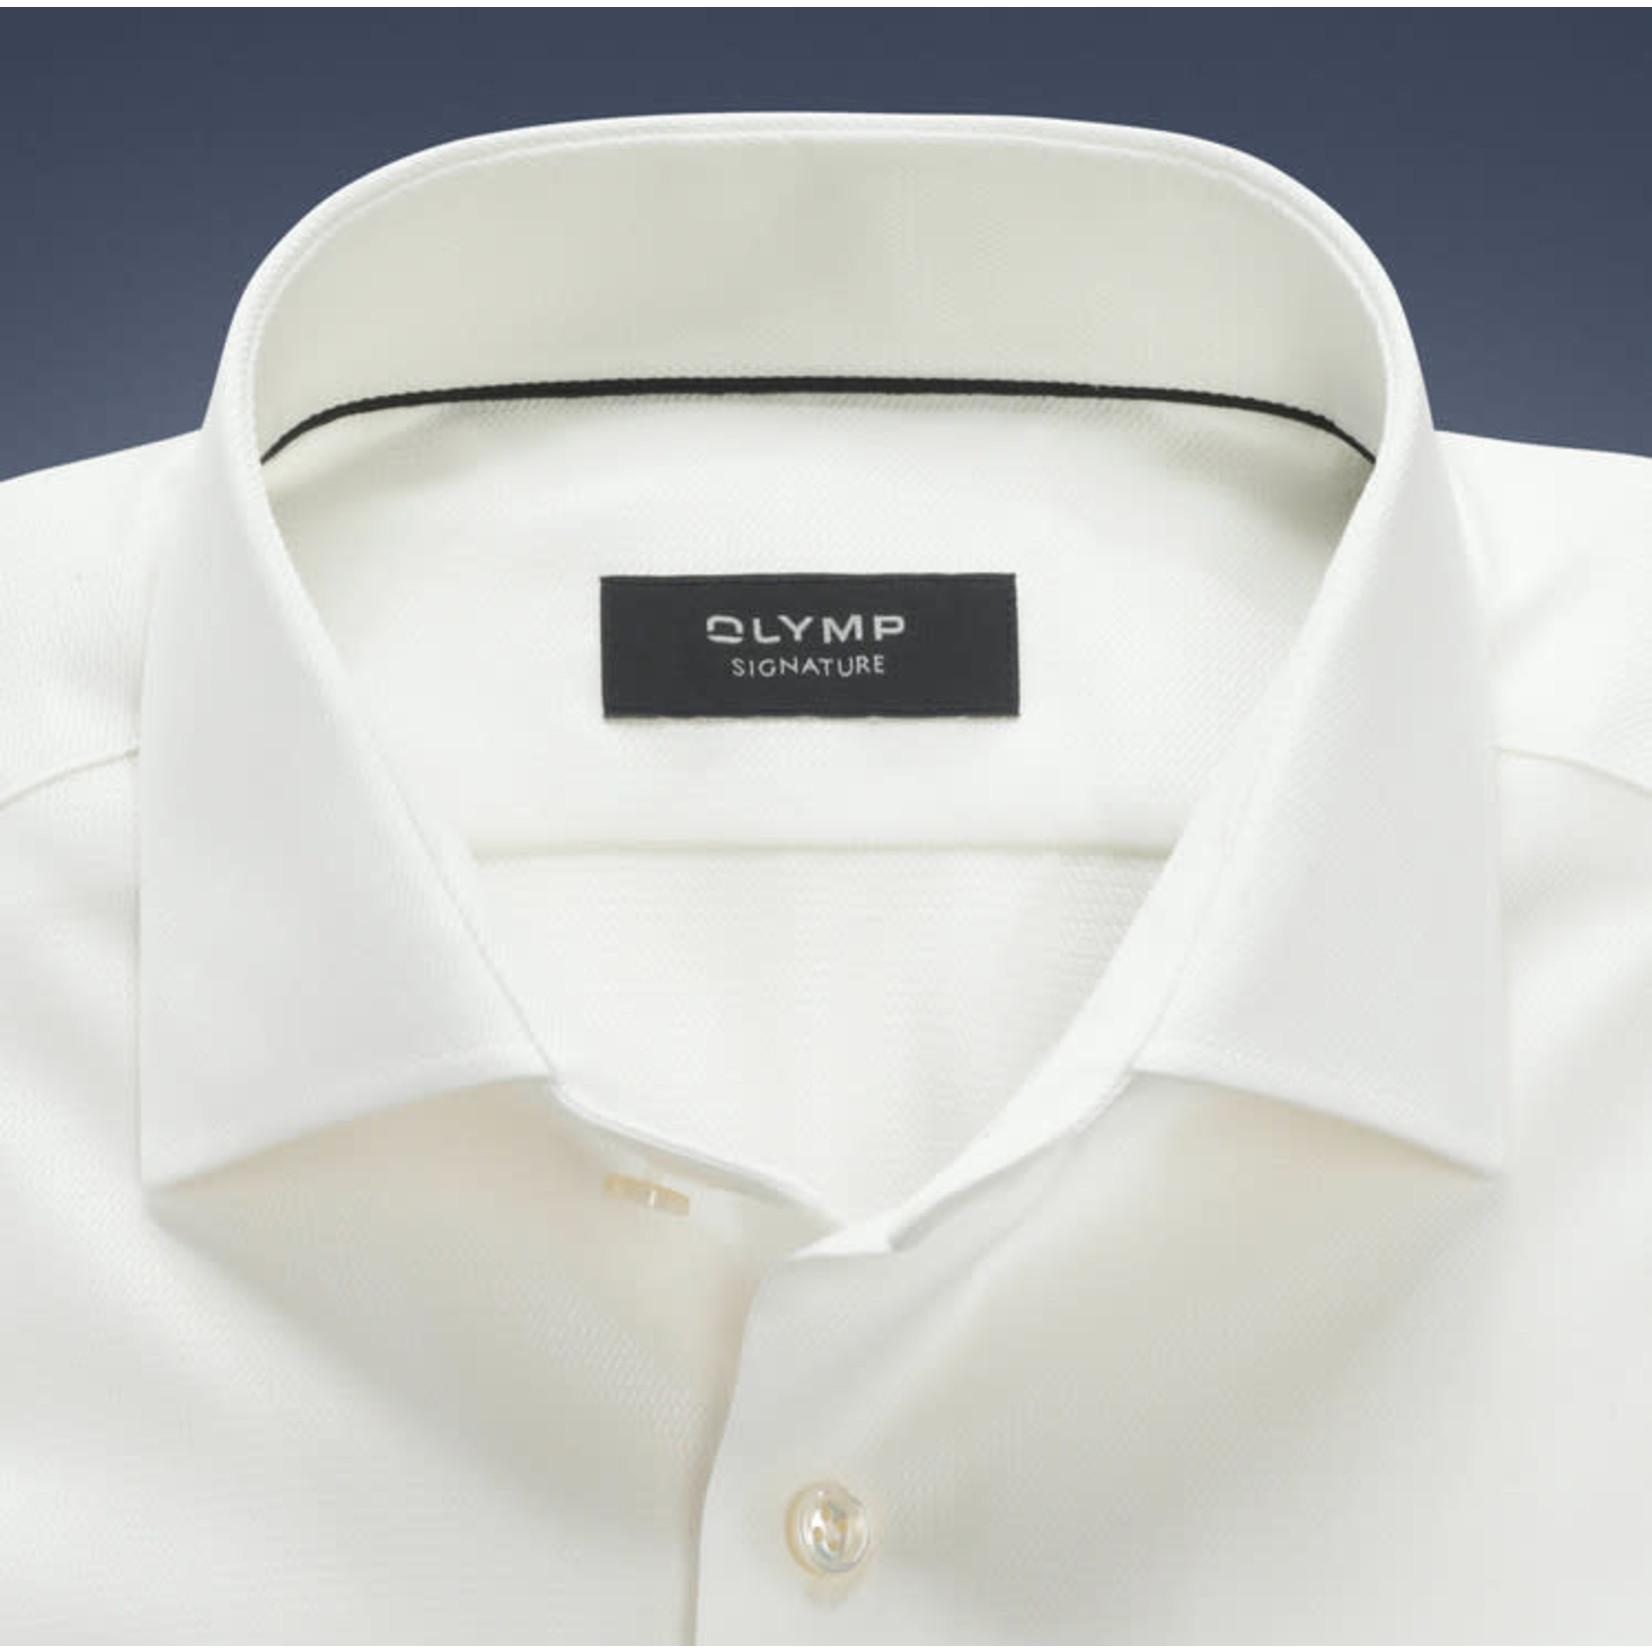 Olymp Signature tailored fit overhemd ecru